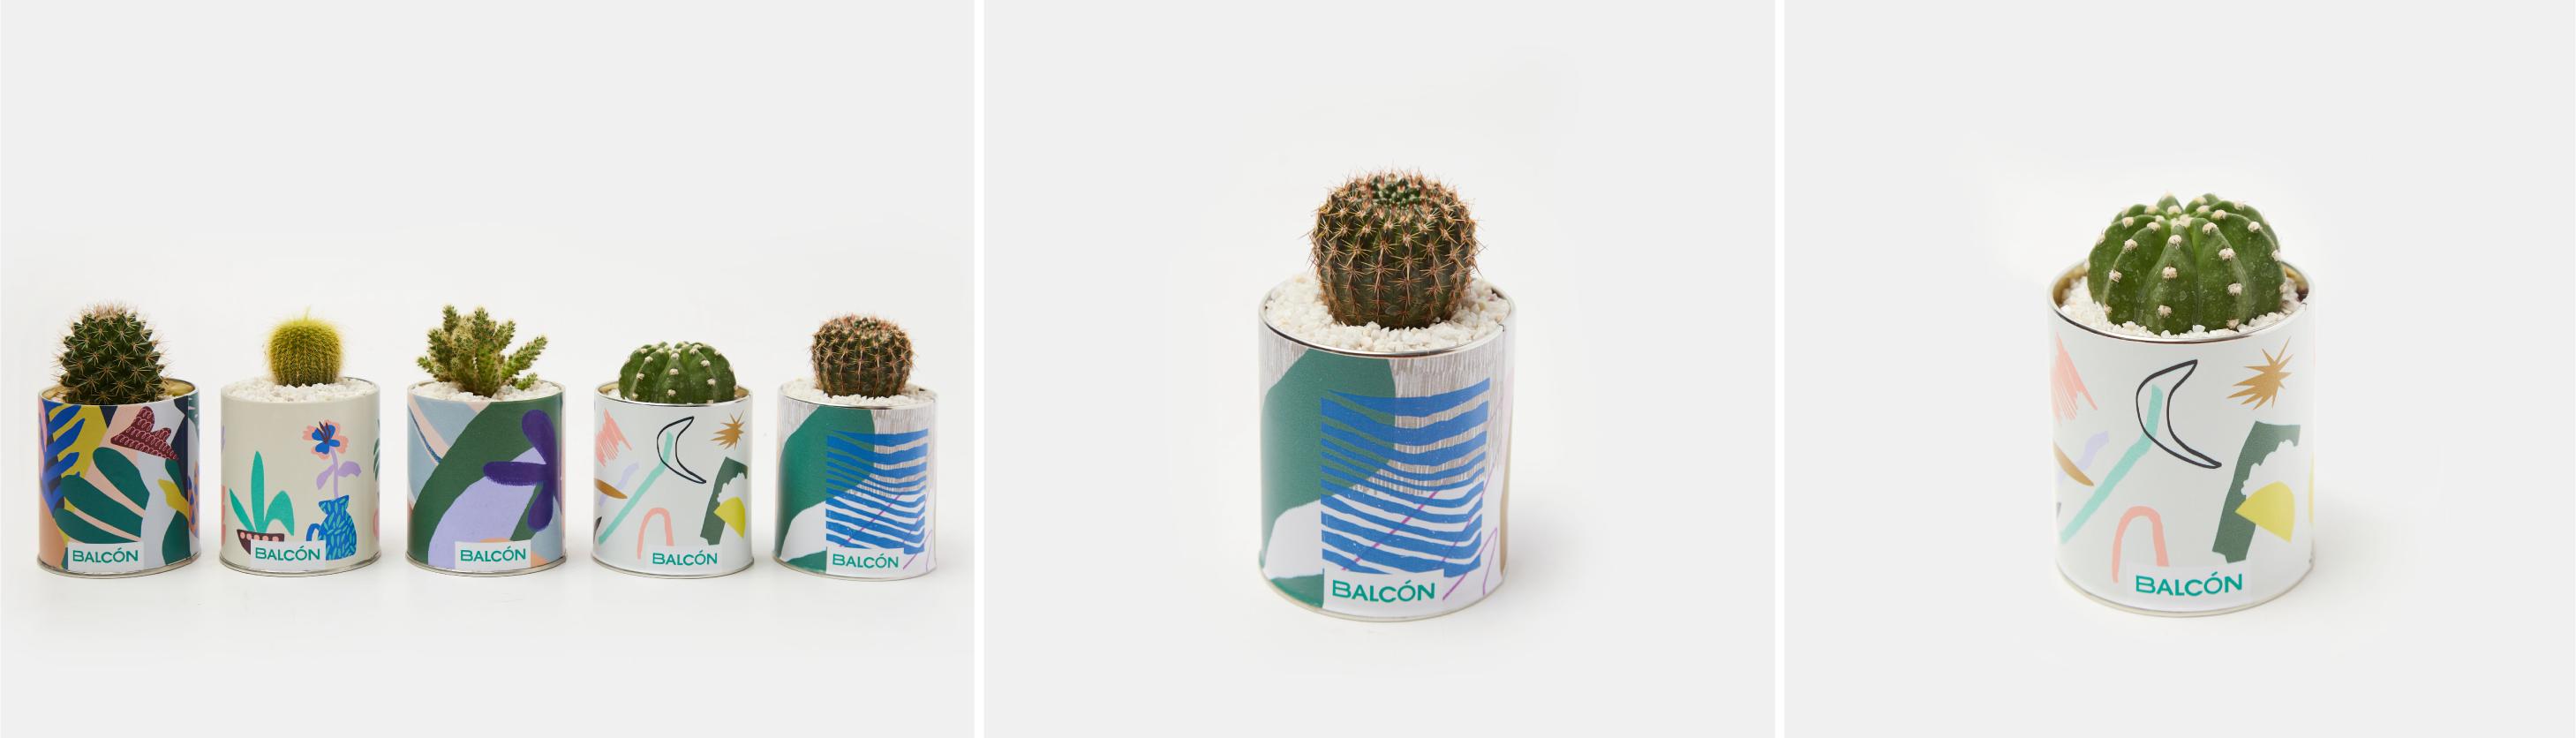 BALCON-WEBSOFI-03